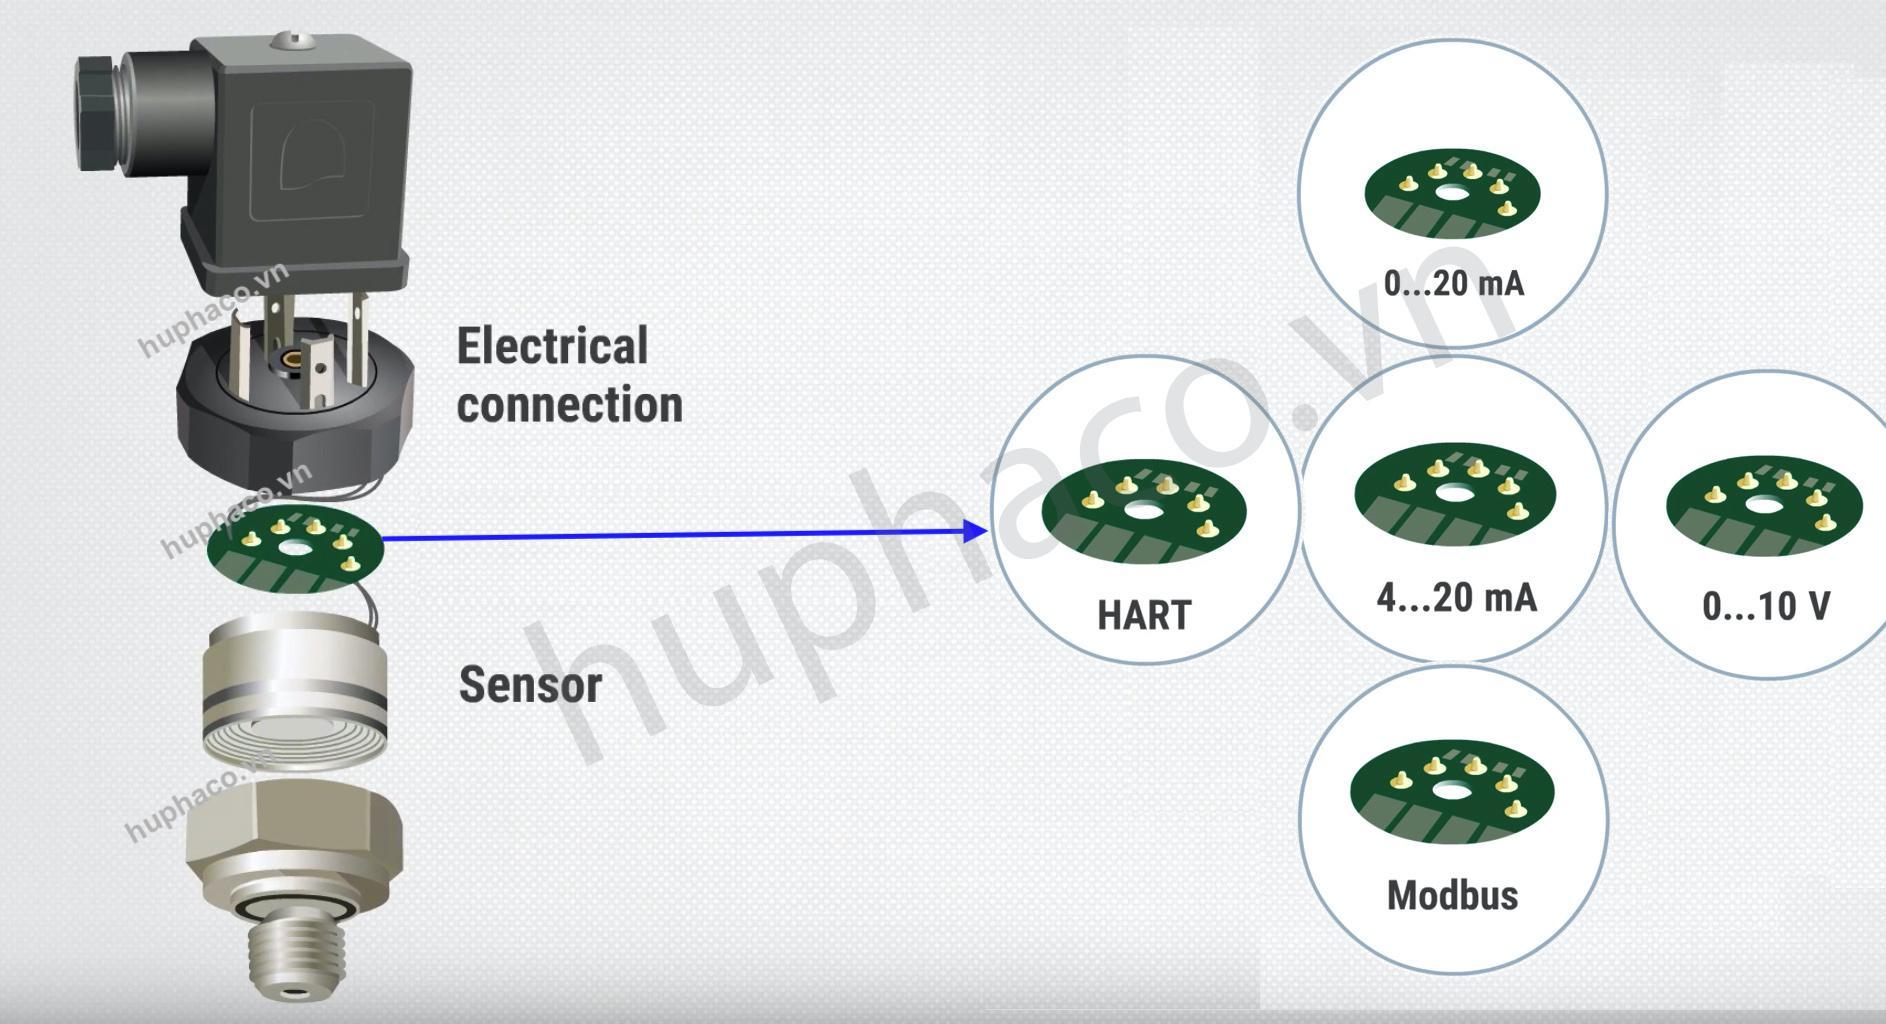 Tín hiệu 4-20mA được dùng phổ biến trên cảm biến áp suất